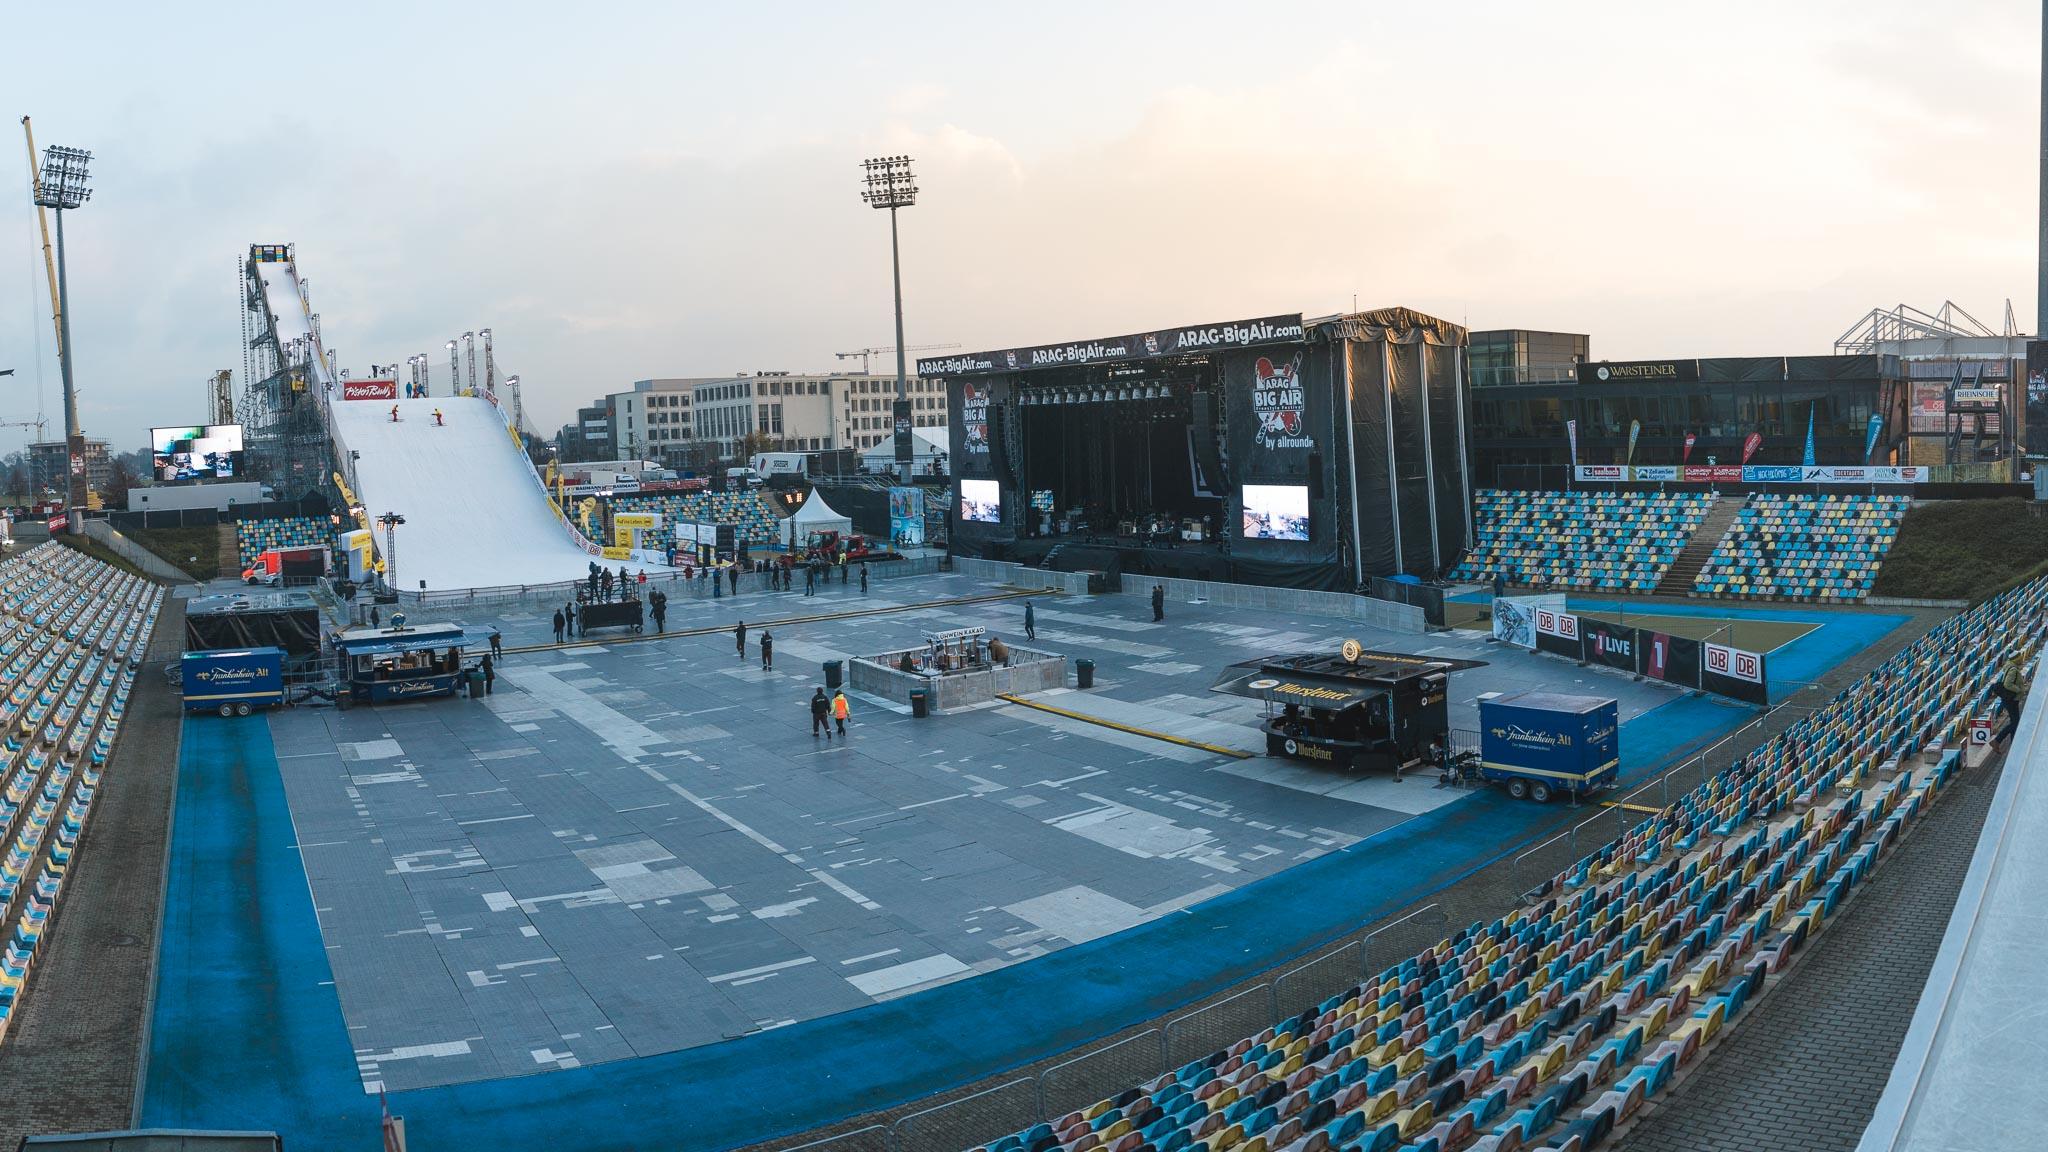 Das Big Air Freestyle Festival Mönchengladbach 2017 Gelände im Überblick. Die Rampe ist knapp 50 Meter hoch und 120 Meter lang.